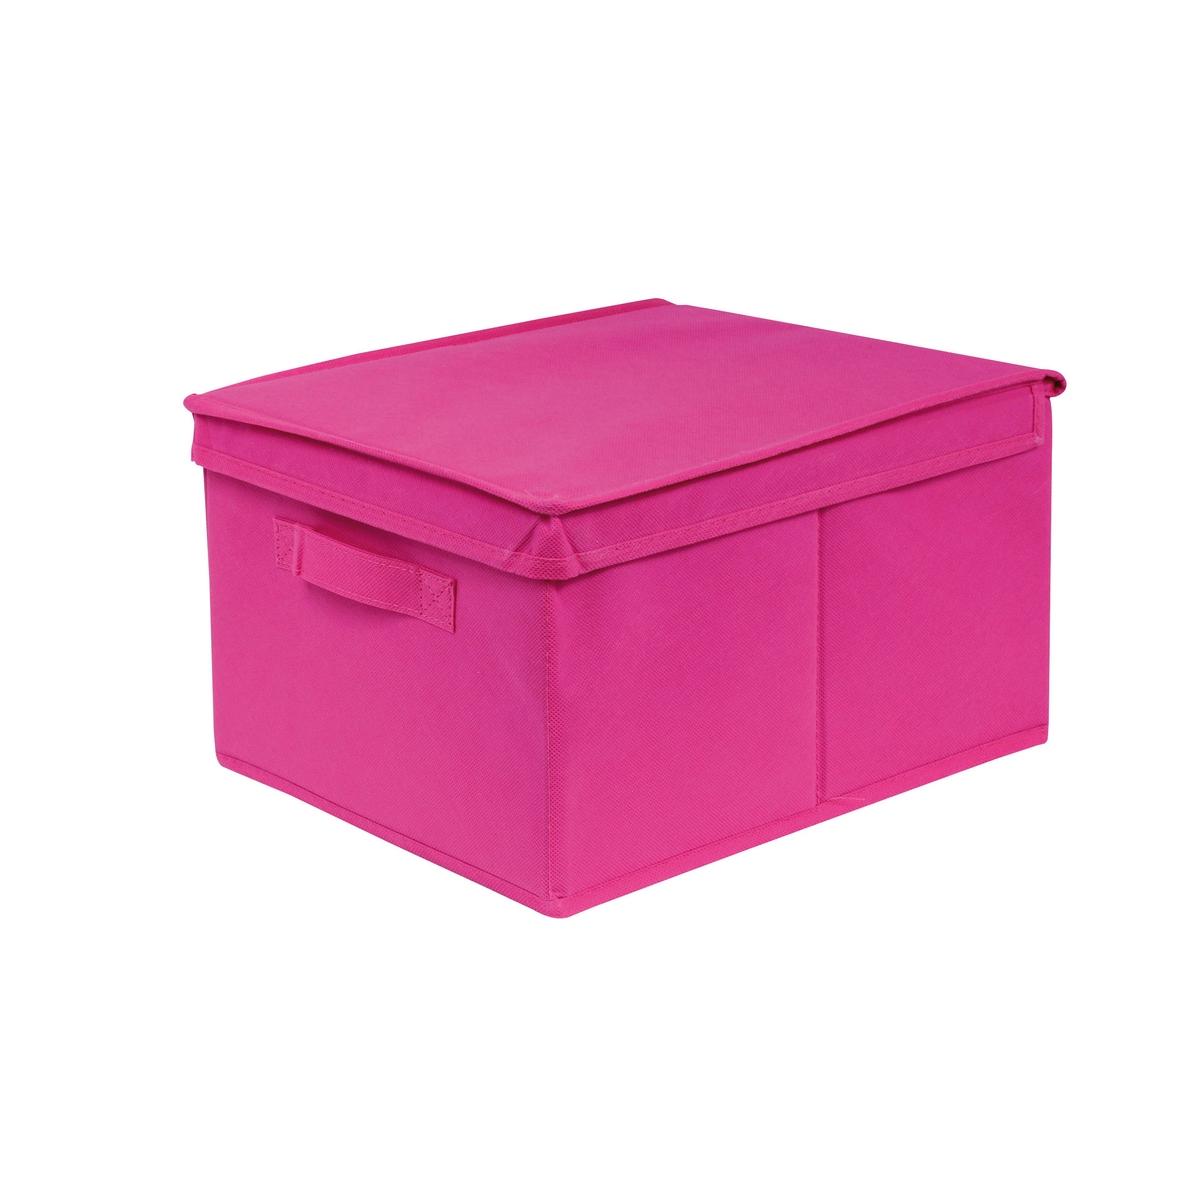 Короб для хранения вещей, размер S, DENISE товары для хранения dorabeads 27 0 x 20 0 5 2015 b82865